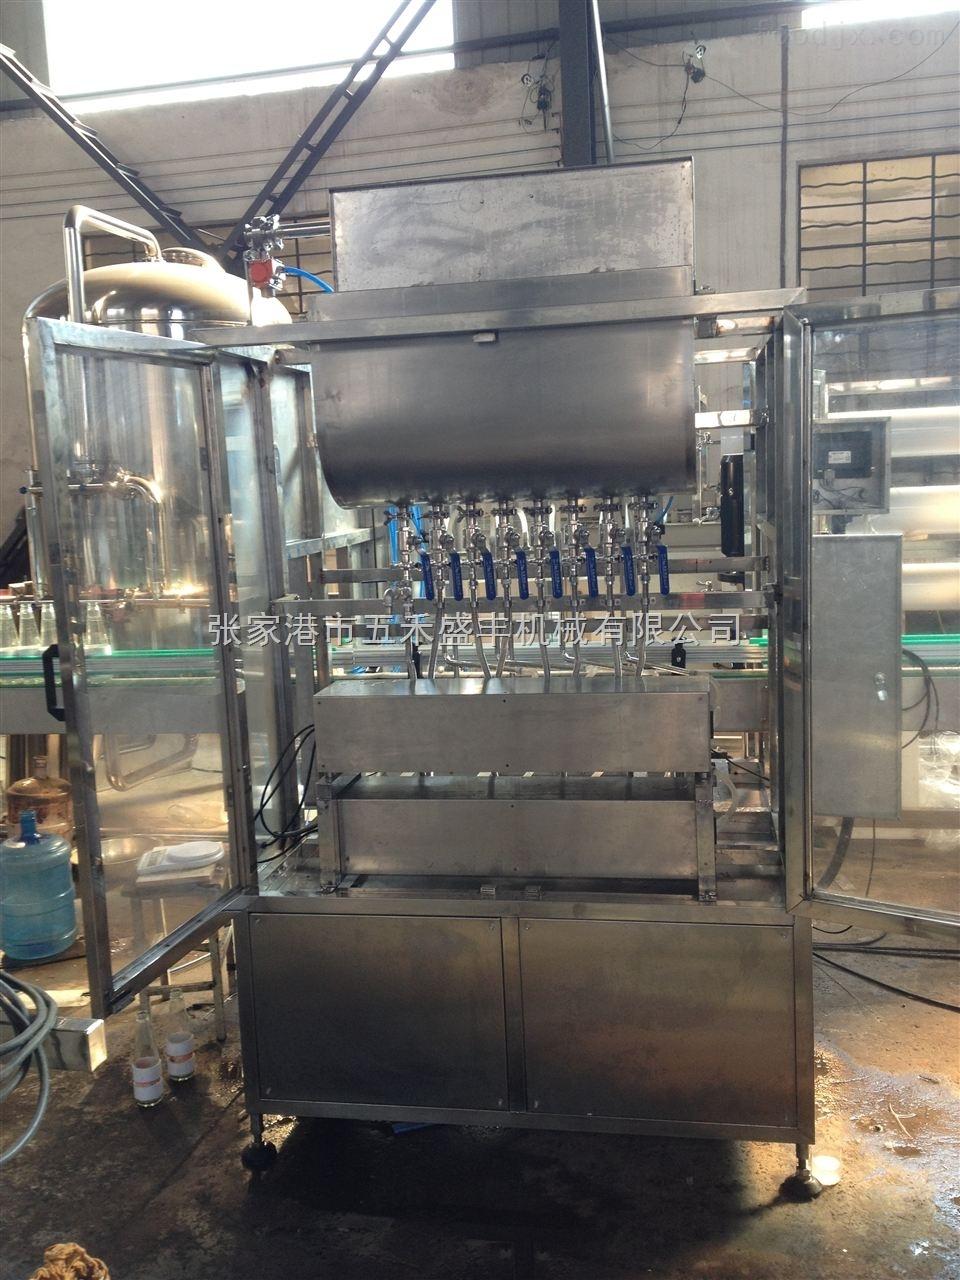 全自动果汁生产线异形瓶直线灌装设备